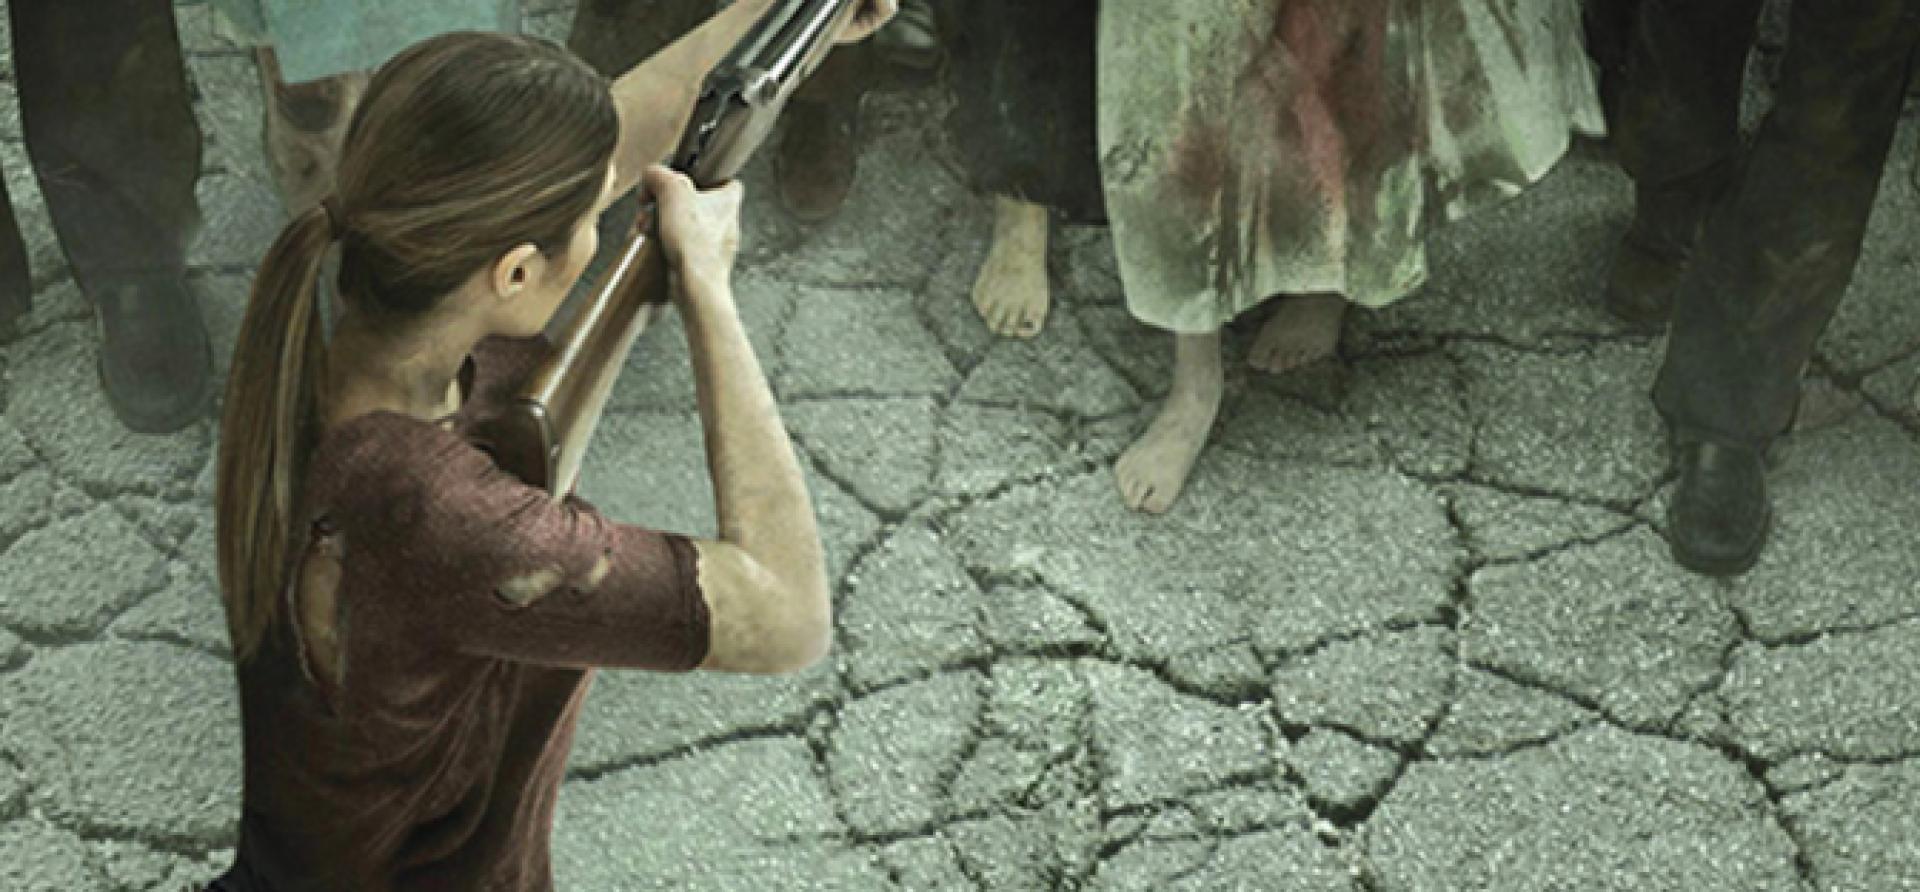 Októberben kerül a boltok polcaira a The Walking Dead: Invasion regény